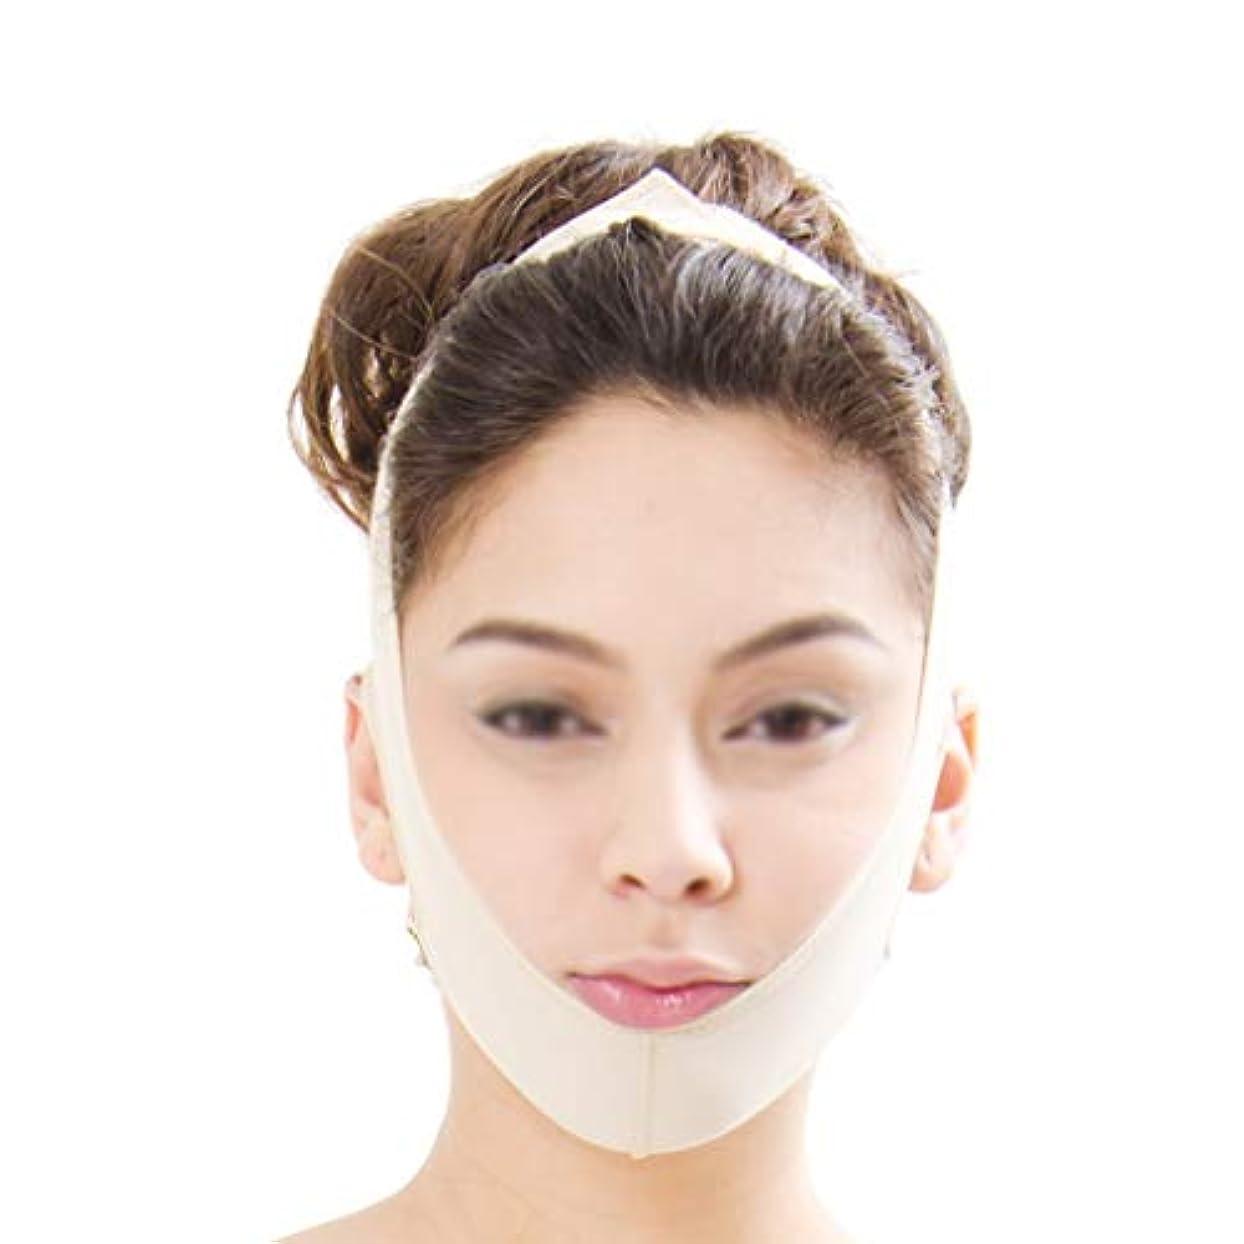 放散する記憶に残る締めるLJK フェイススリミング包帯、フェイスリフティングマスク、フェイスリフティング包帯、フェイシャル減量マスク、ダブルチンケア減量 (Size : M)